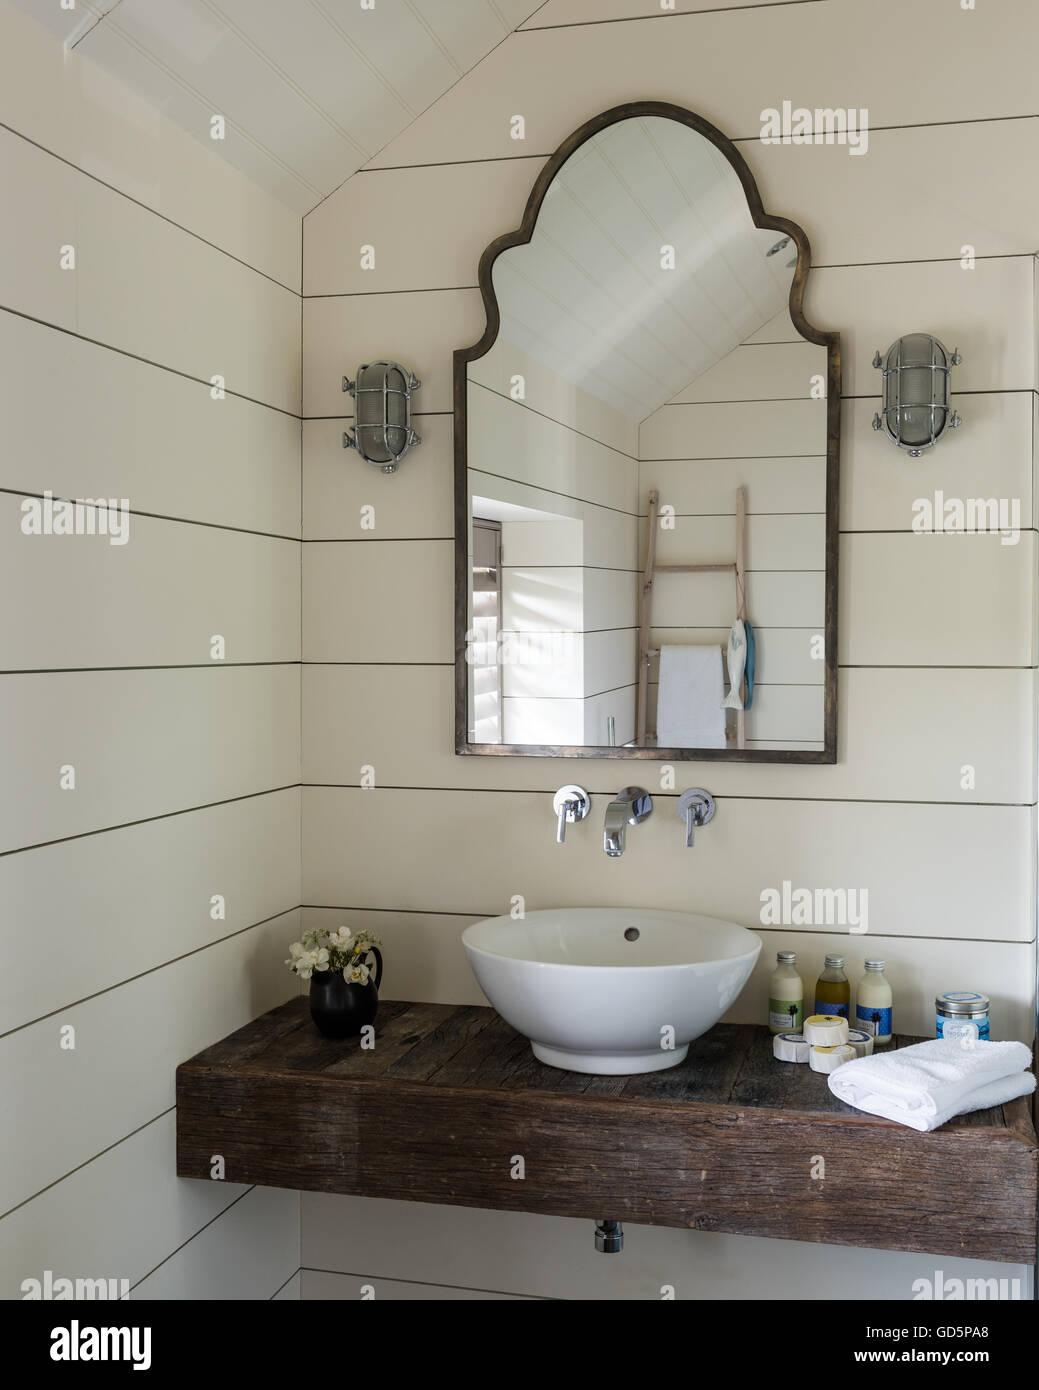 le lavabo de salle de bains en bois dalle avec des murs peints en blanc et les conseils dun miroir vintage